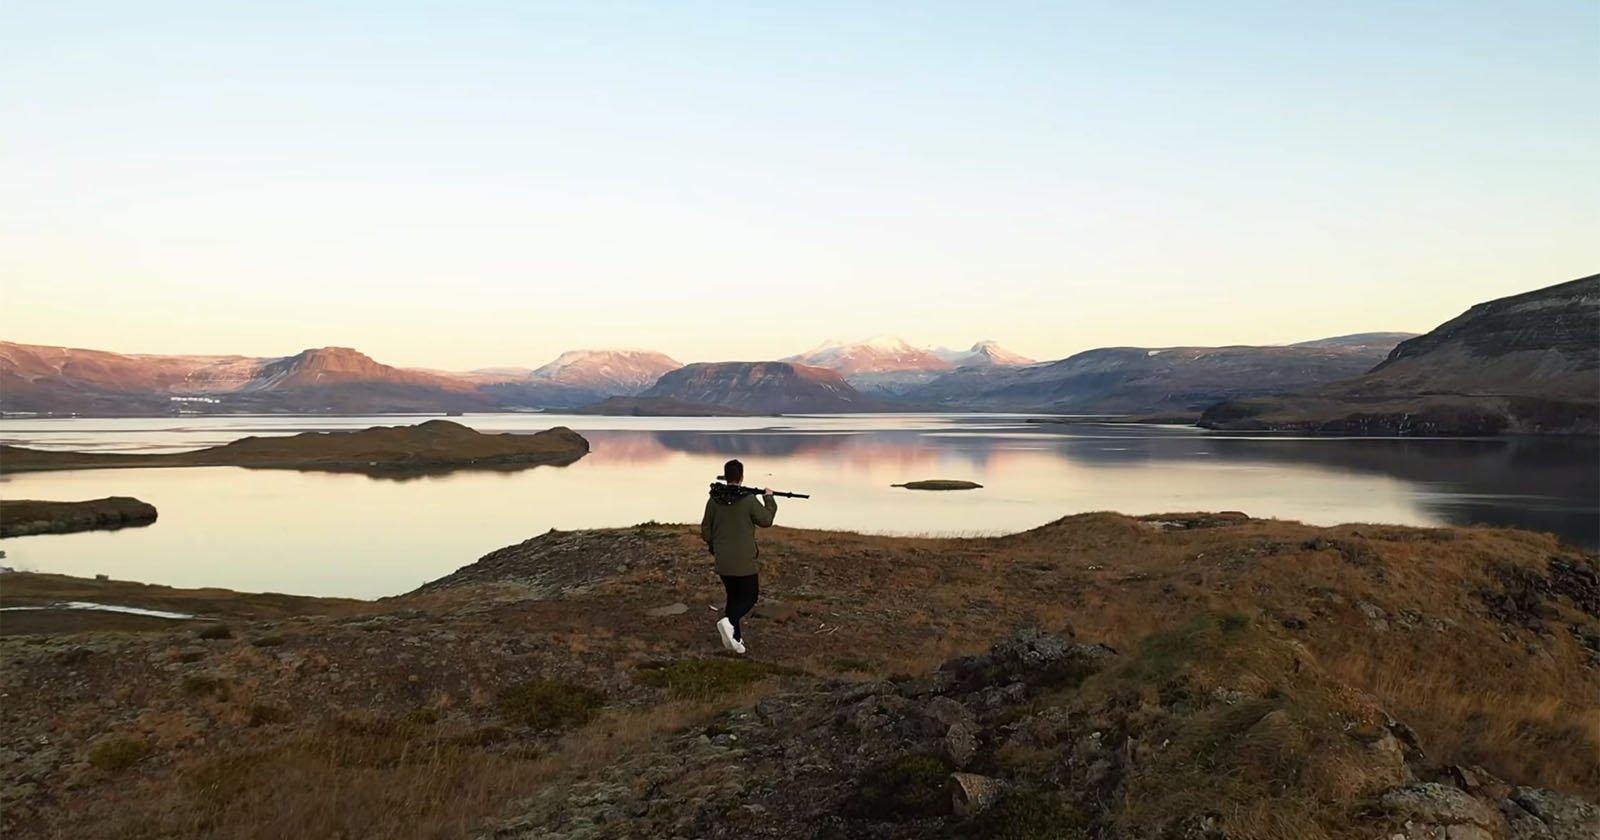 Tutorial gratuito de 3 horas sobre fotografía de viajes y paisajes